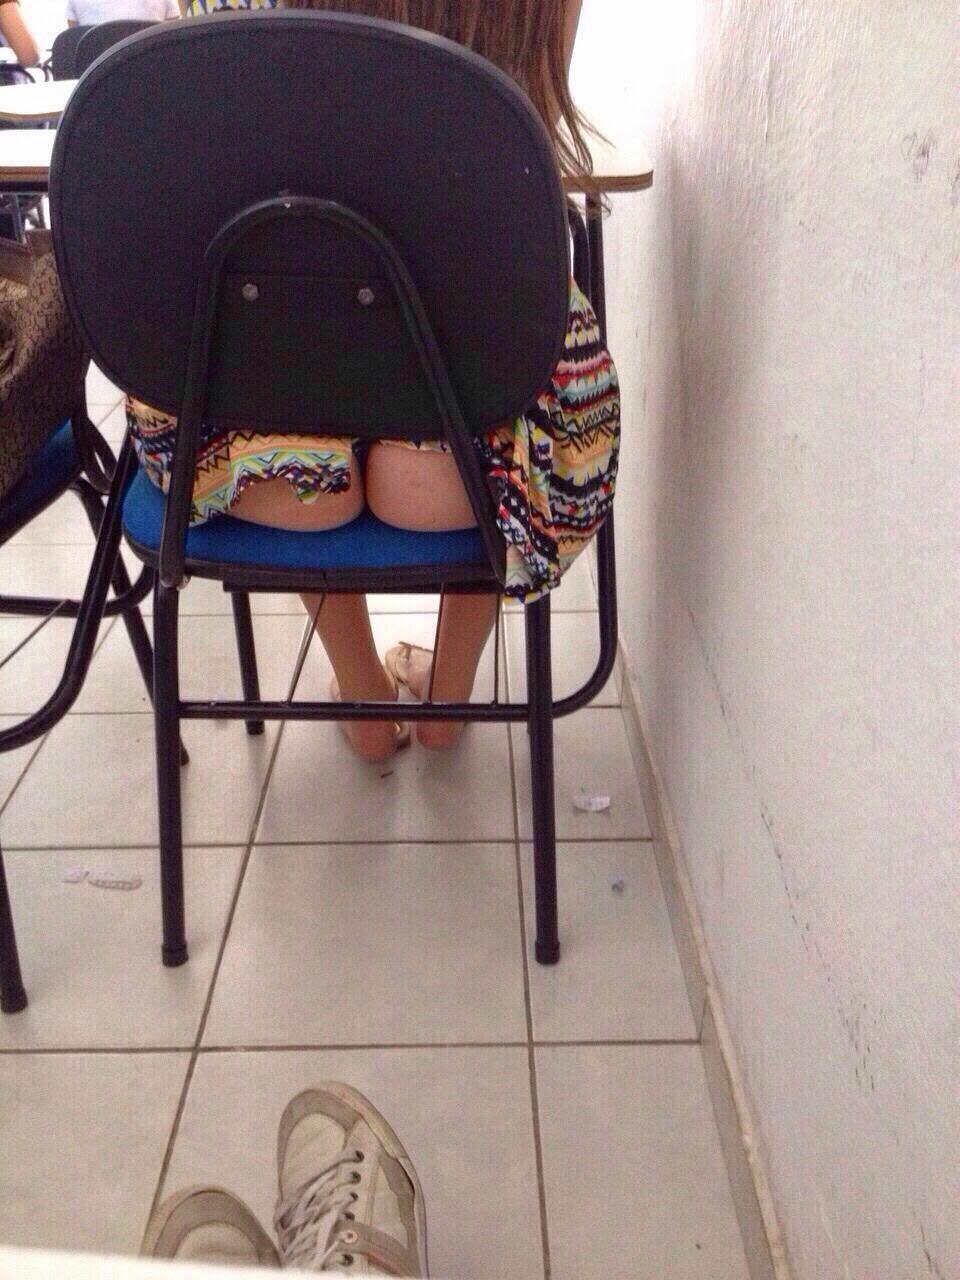 【画像】海外の女子学生がマジでエロすぎて授業に集中できない。。(画像85枚)・71枚目